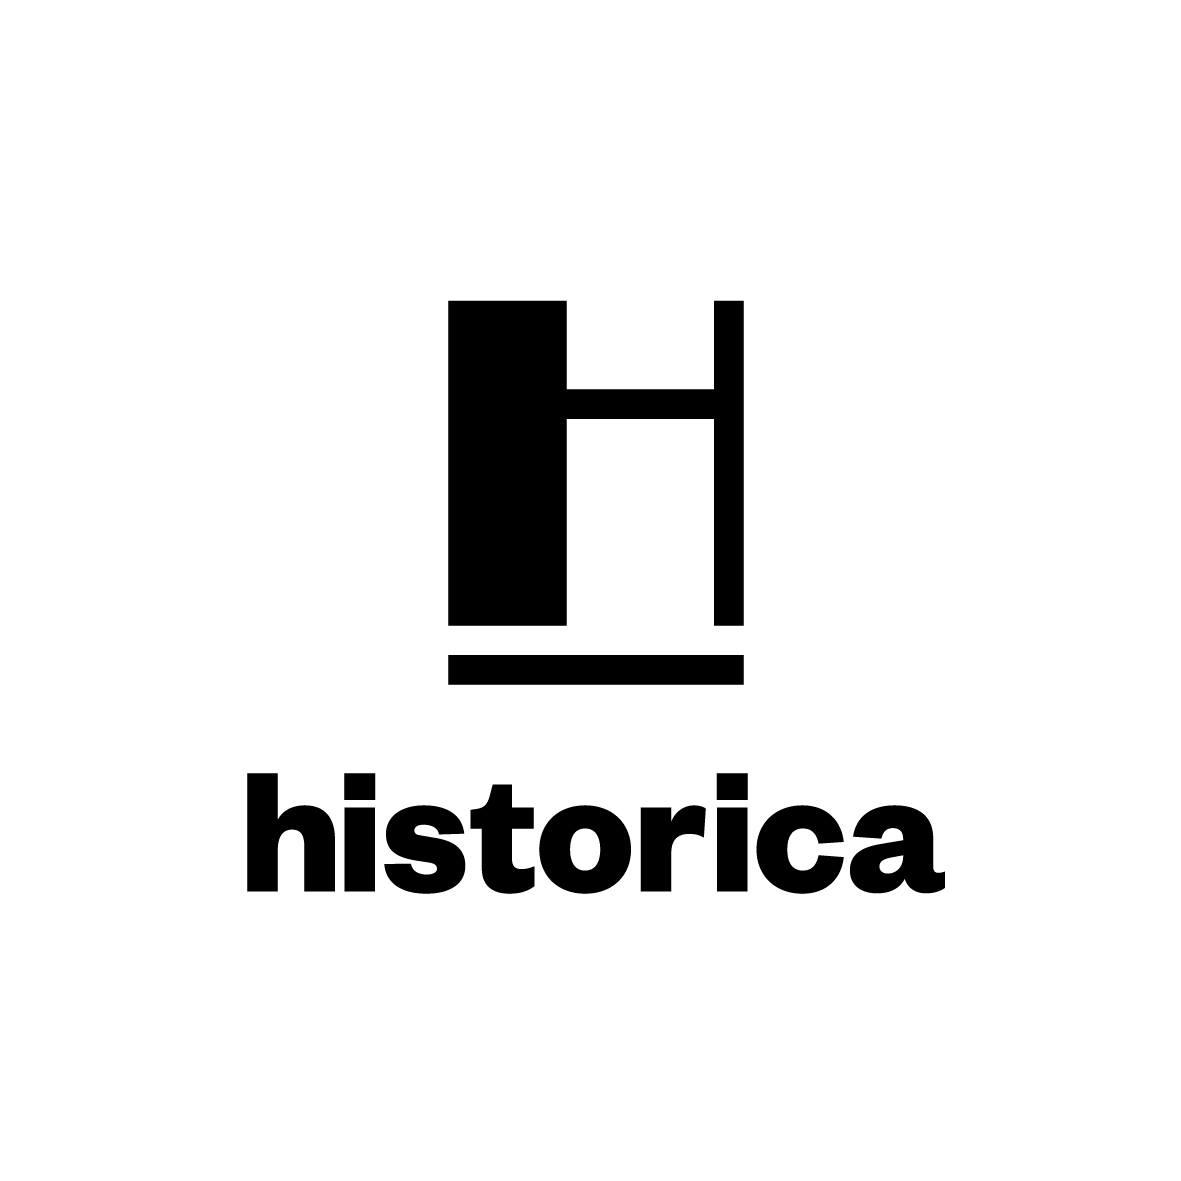 Historica edizioni